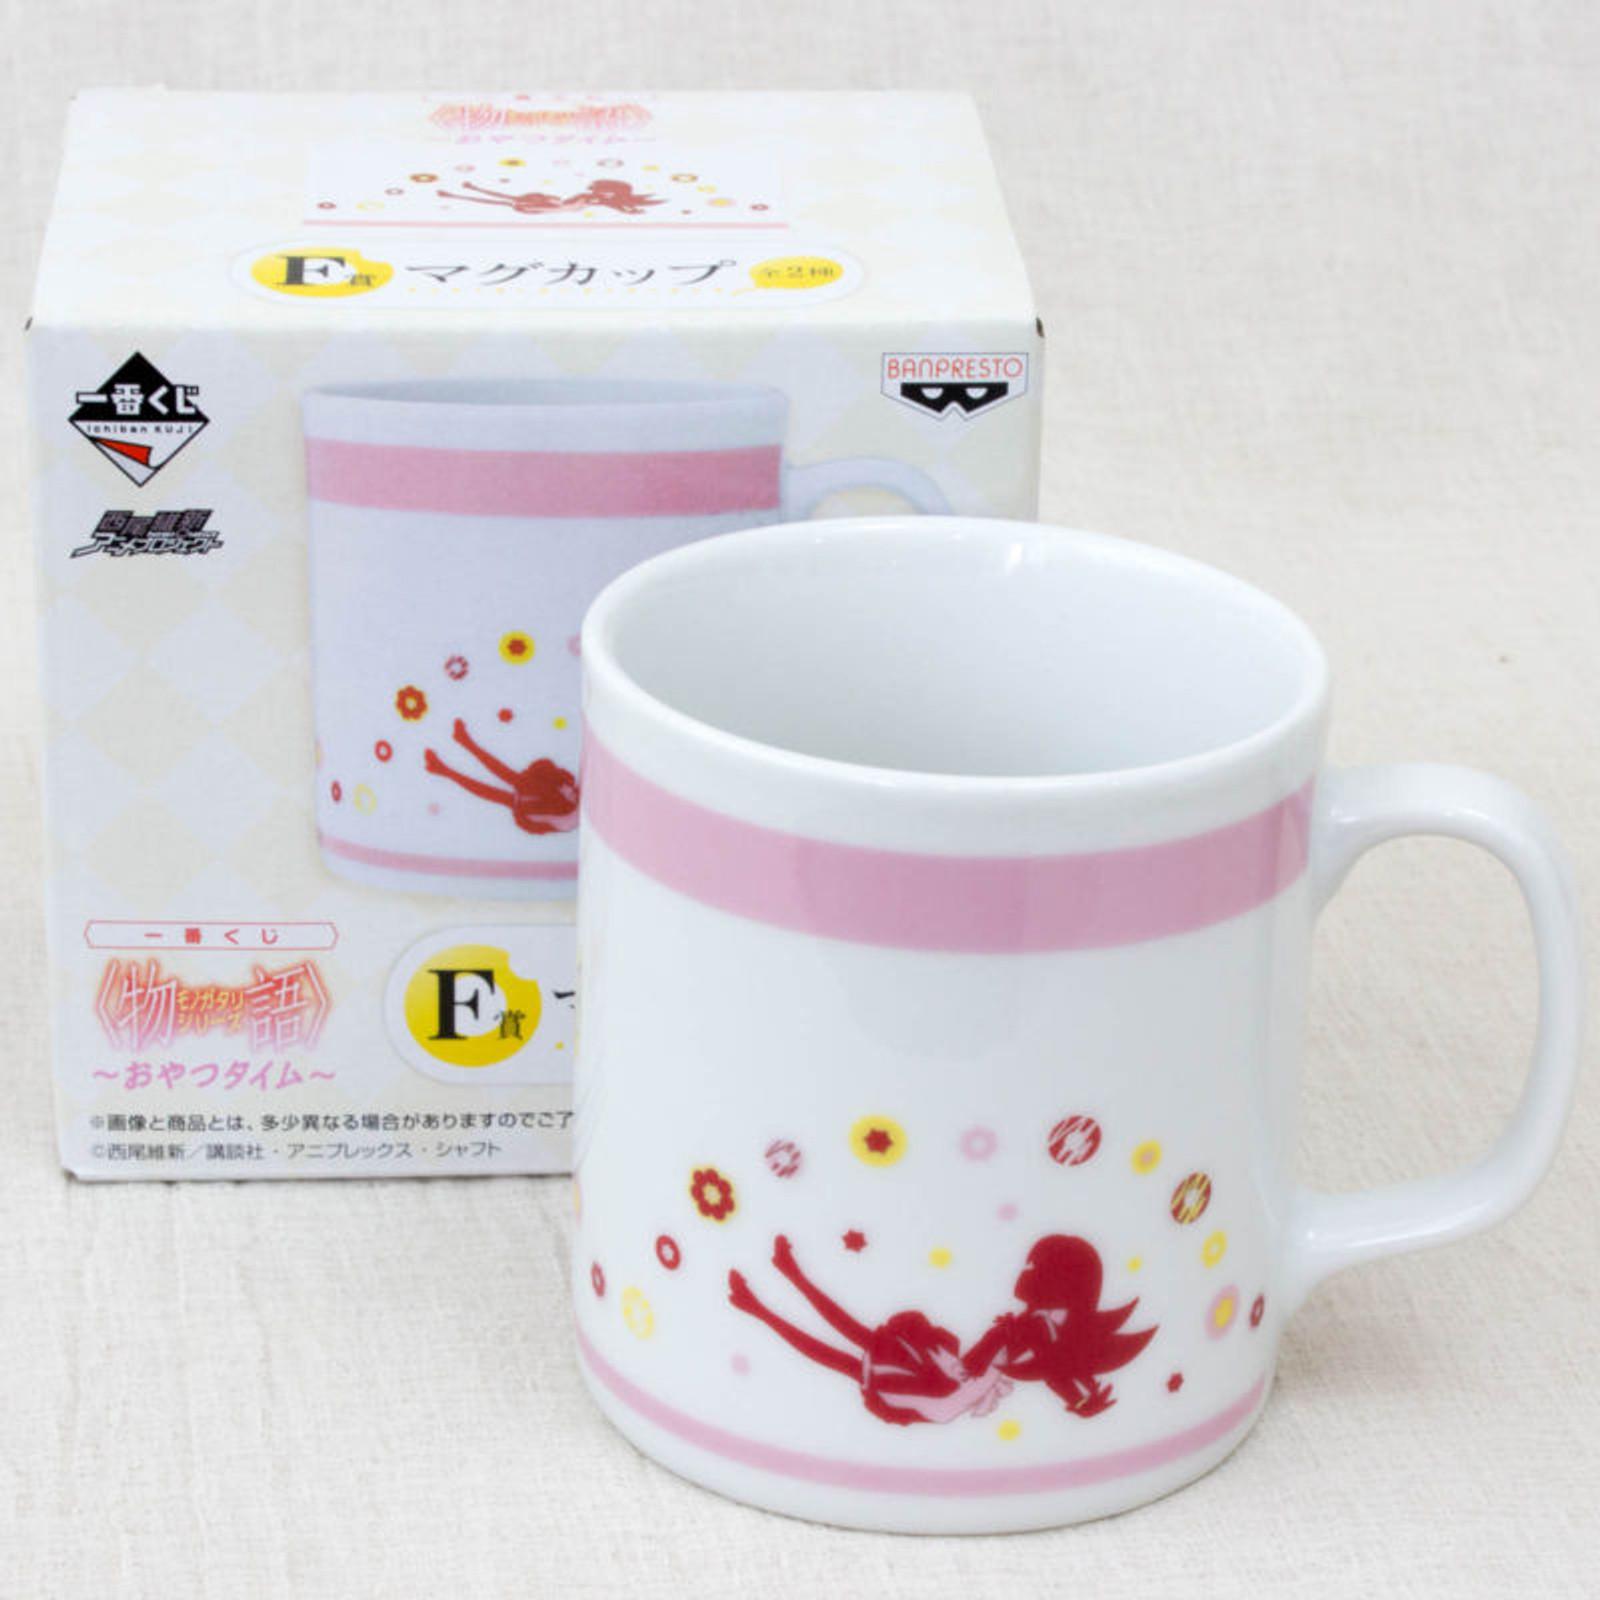 Bakemonogatari Mug Cup Shinobu Oshino Ver. Banpresto JAPAN ANIME MANGA